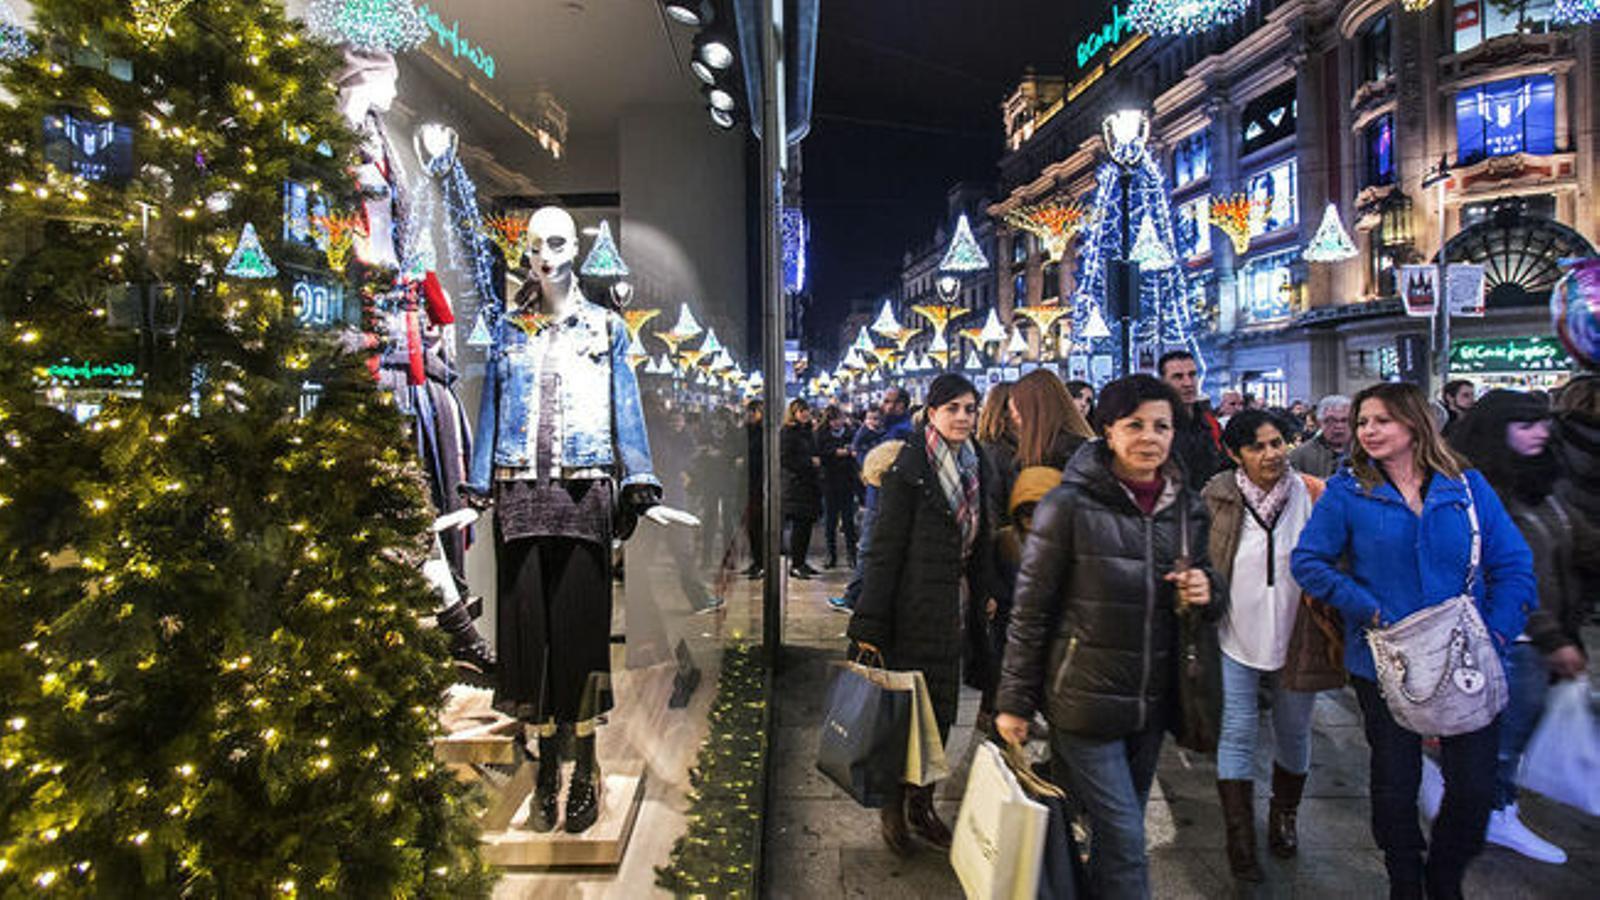 Les festes de Nadal giren de cada vegada més entorn de les compres. / PERE VIRGILI